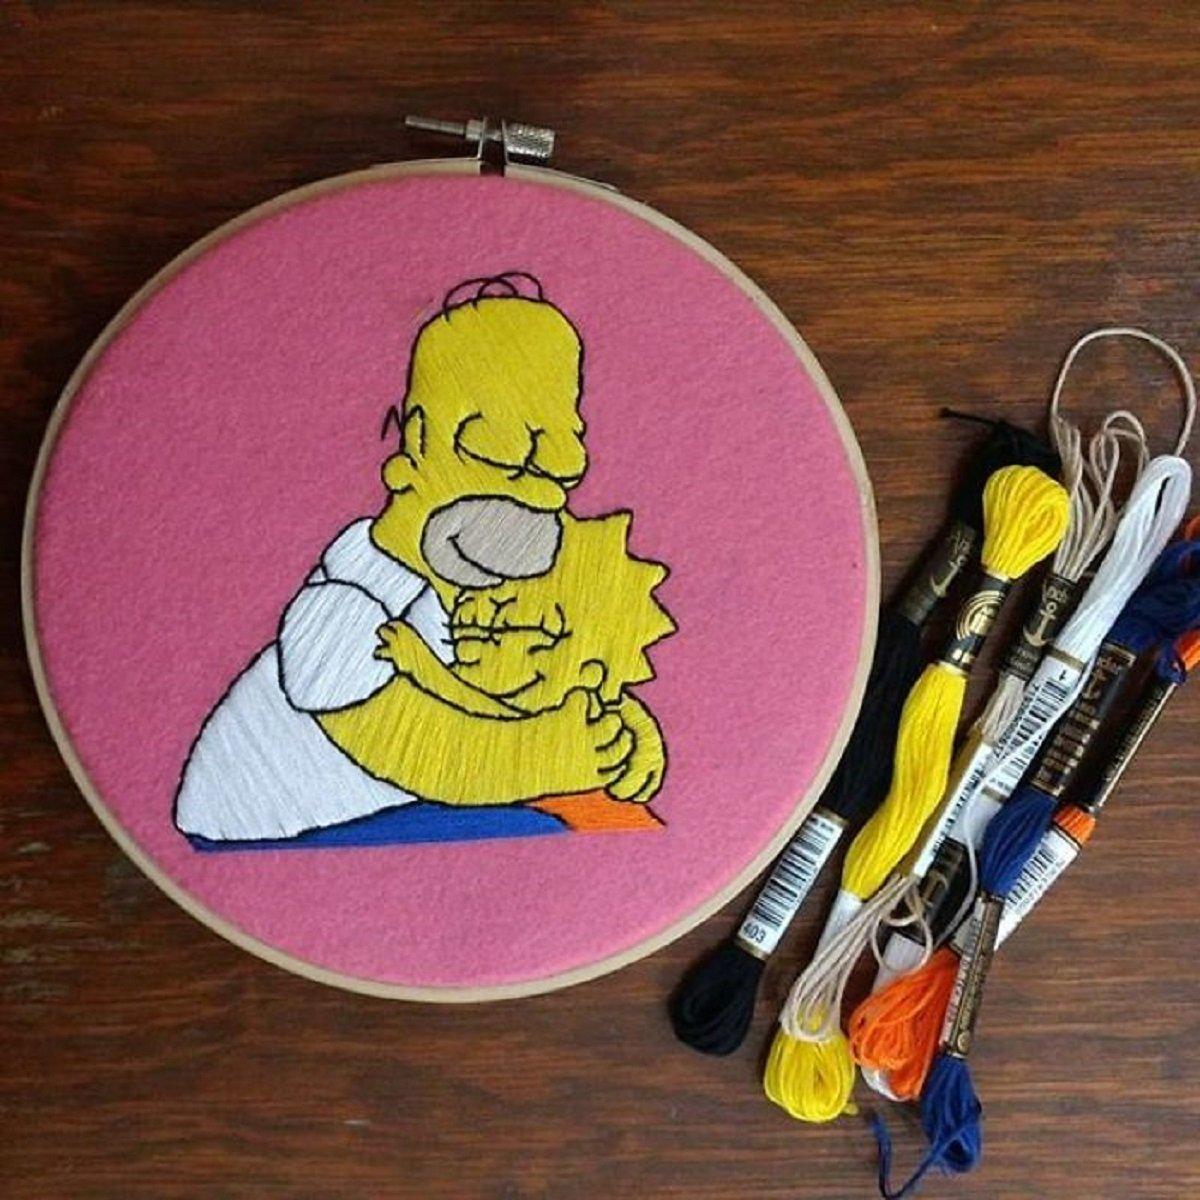 Artista Gabriela Martinez cria bordados de cenas de Os Simpsons 20